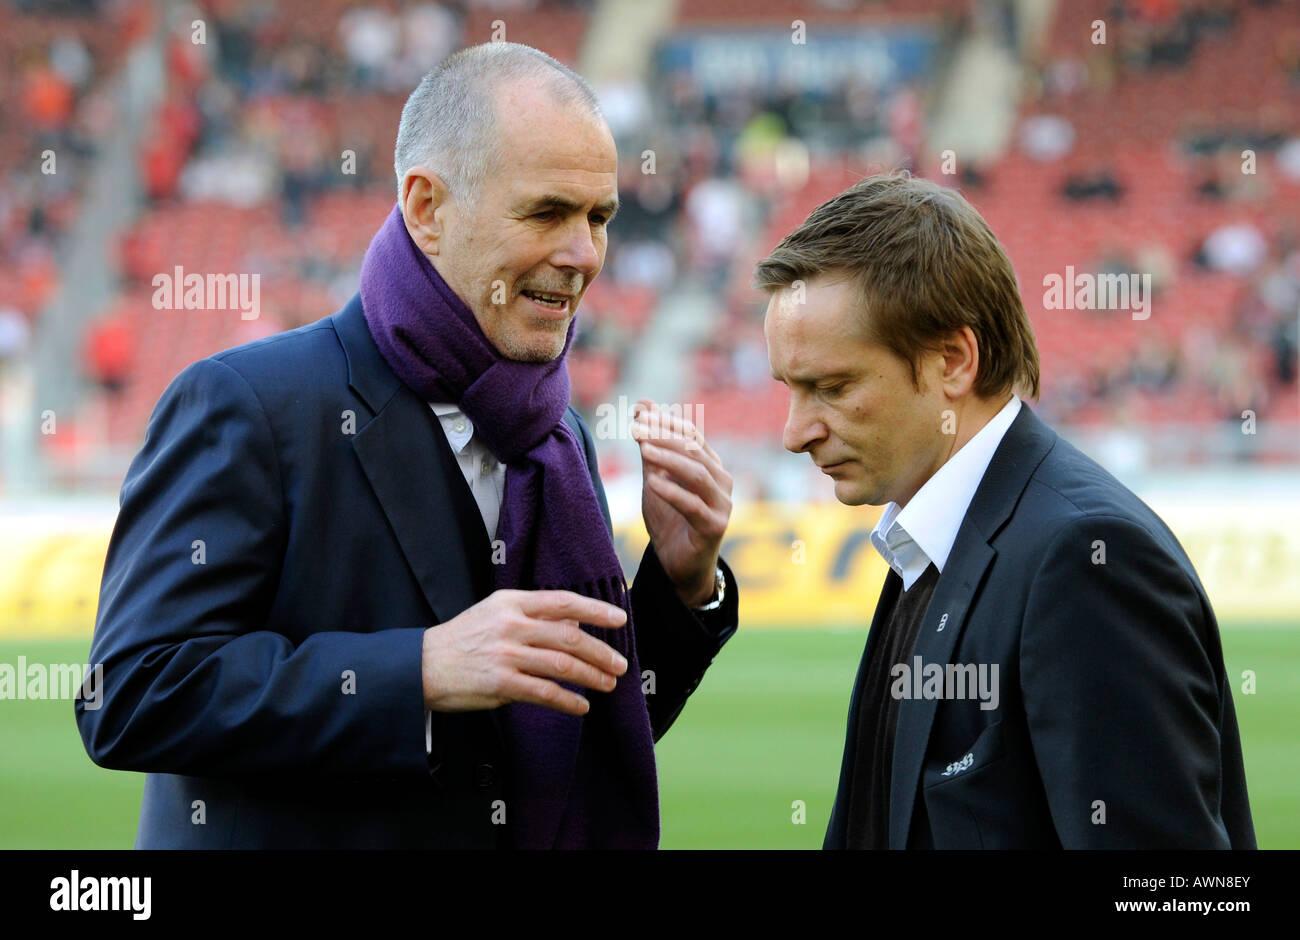 Conversation between manager Rolf DOHMEN Karlsruher SC and manager Horst HELDT VfB Stuttgart, Germany - Stock Image